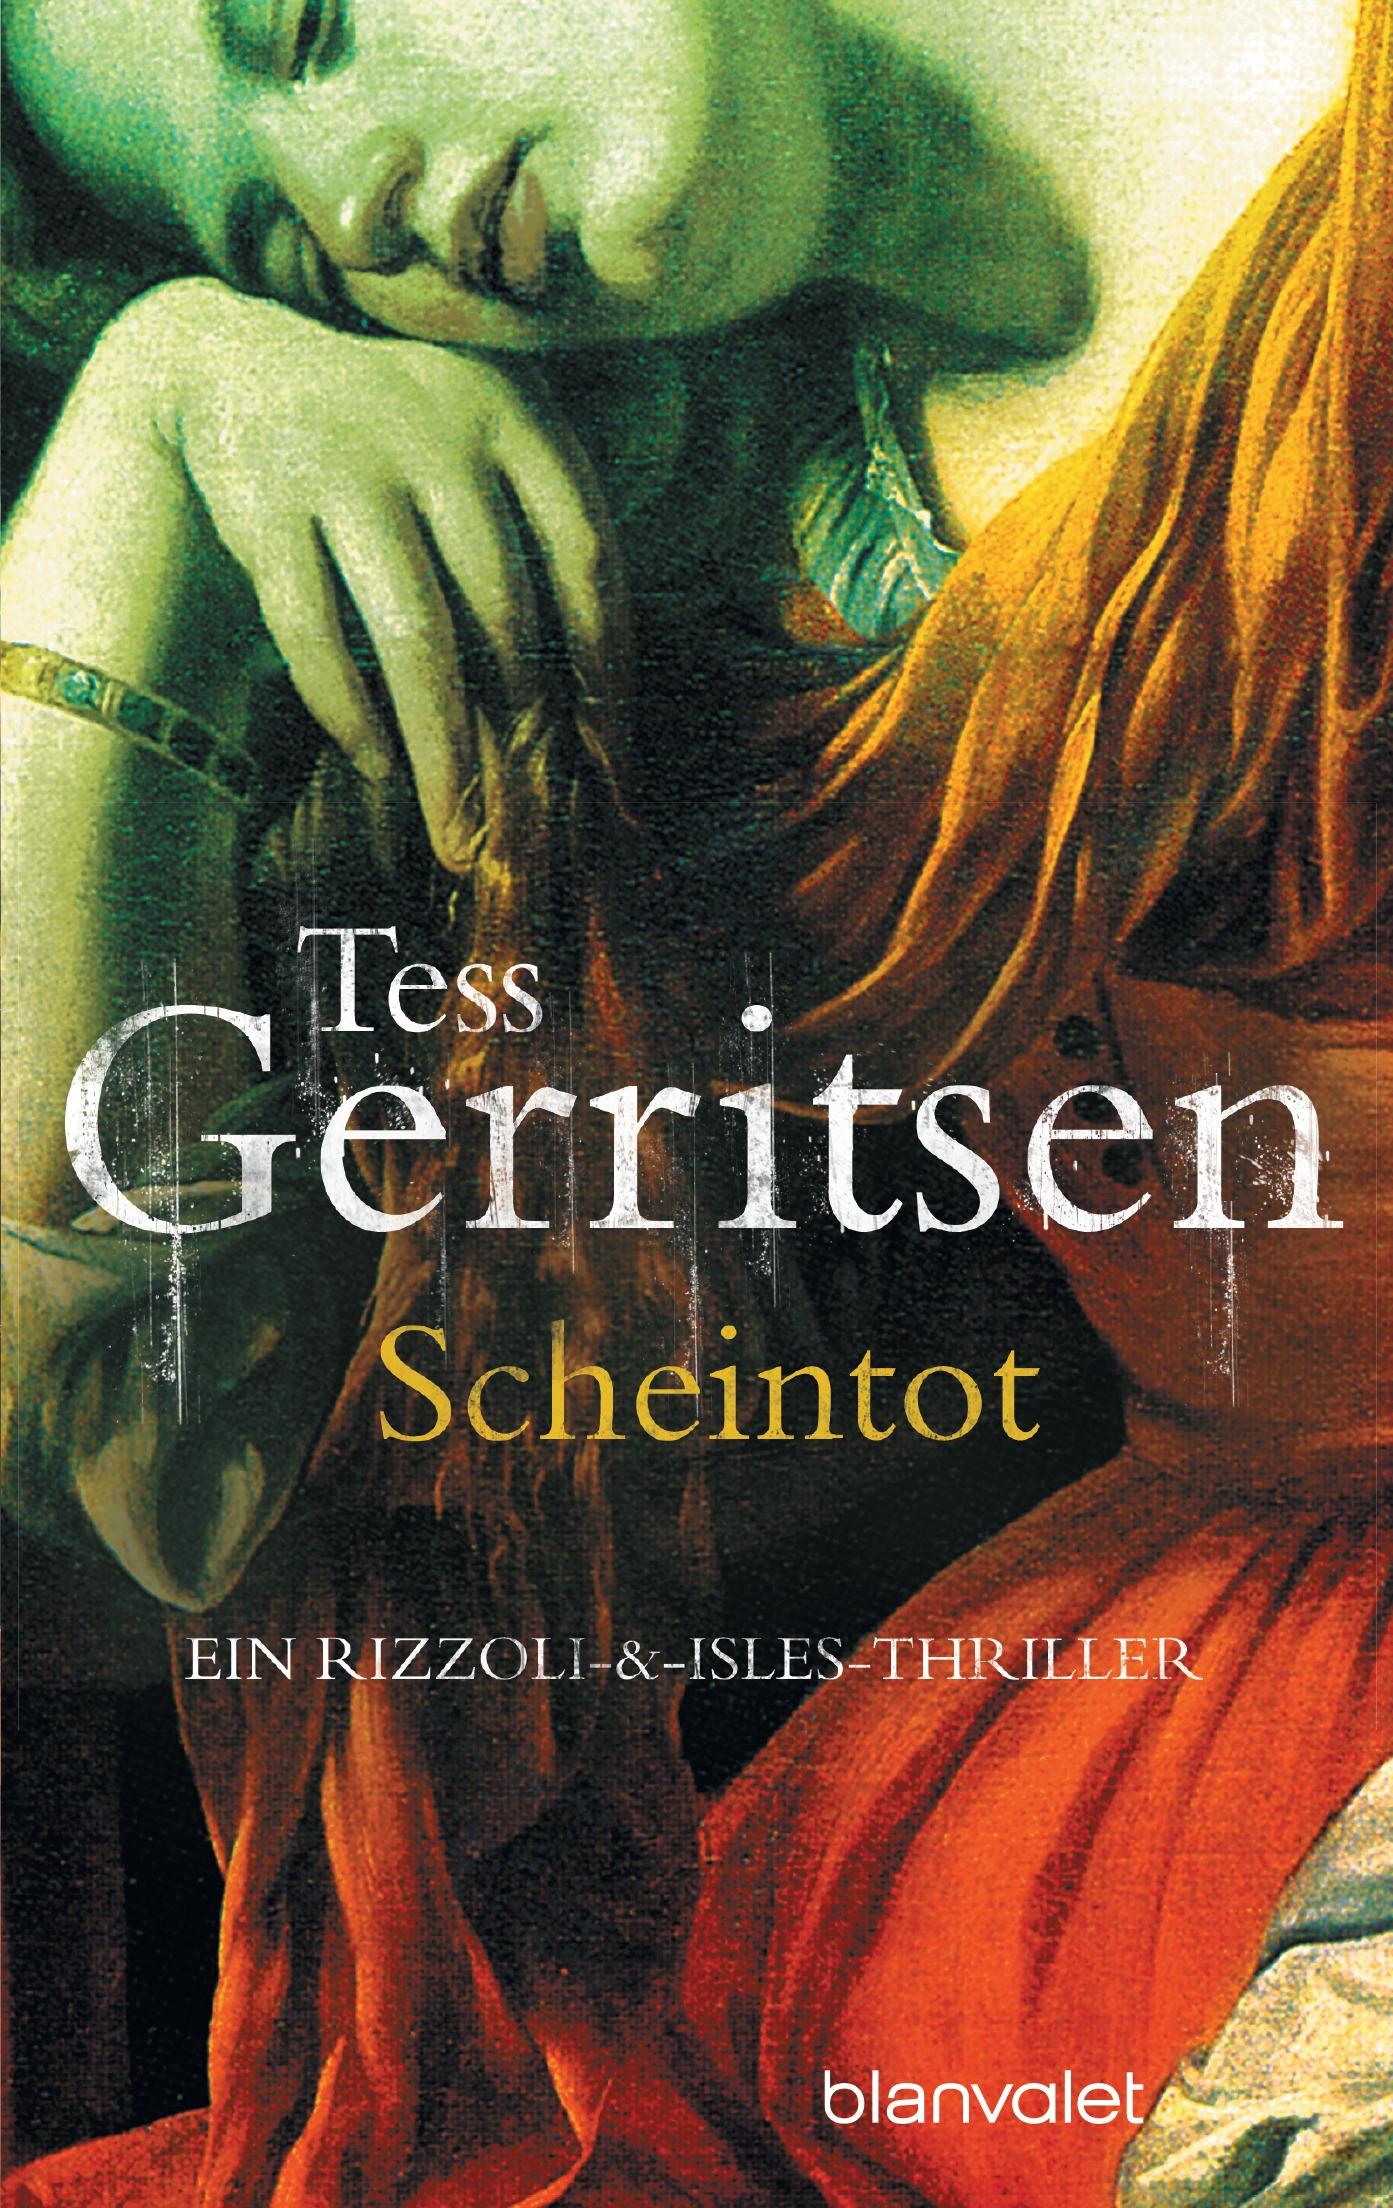 Scheintot von Tess Gerritsen